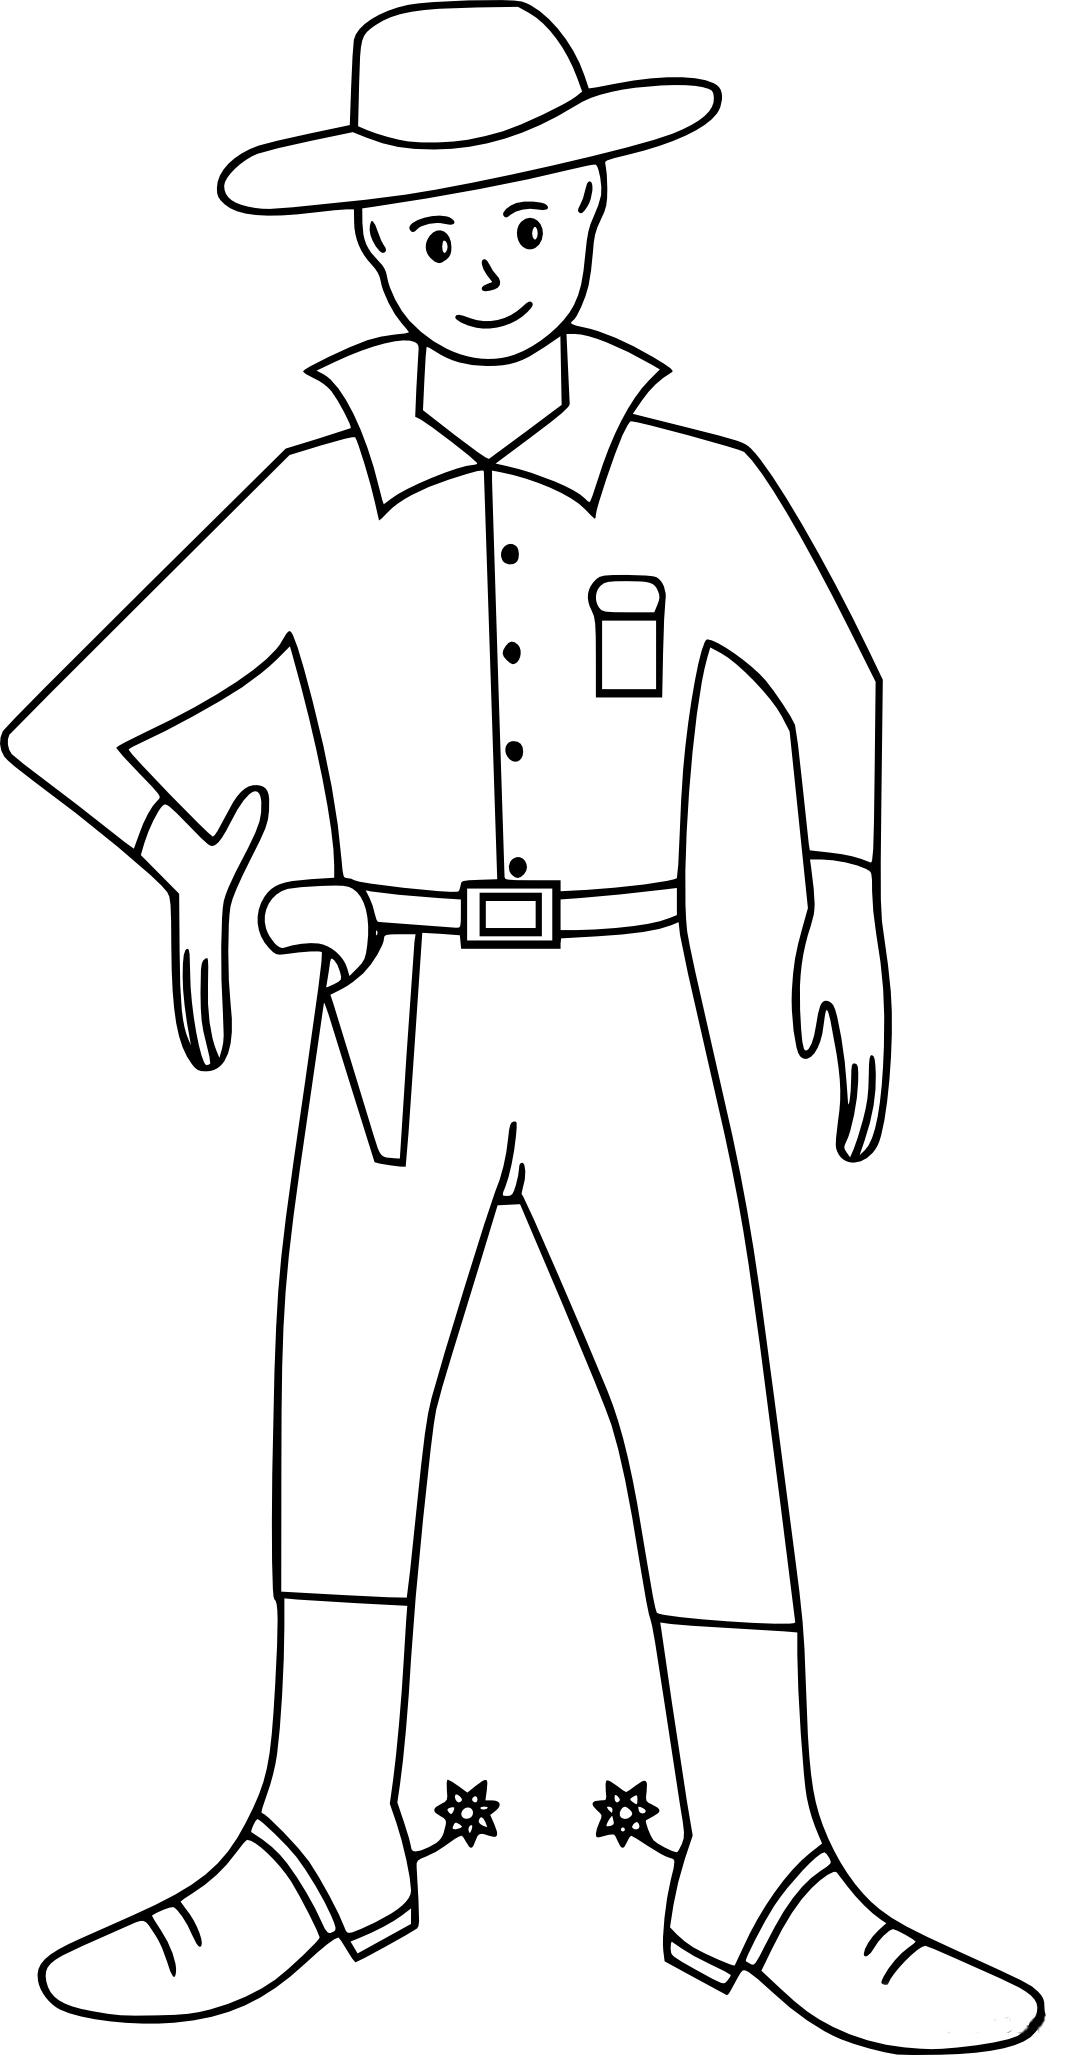 Coloriage cow boy imprimer - Dessin de cowboy ...